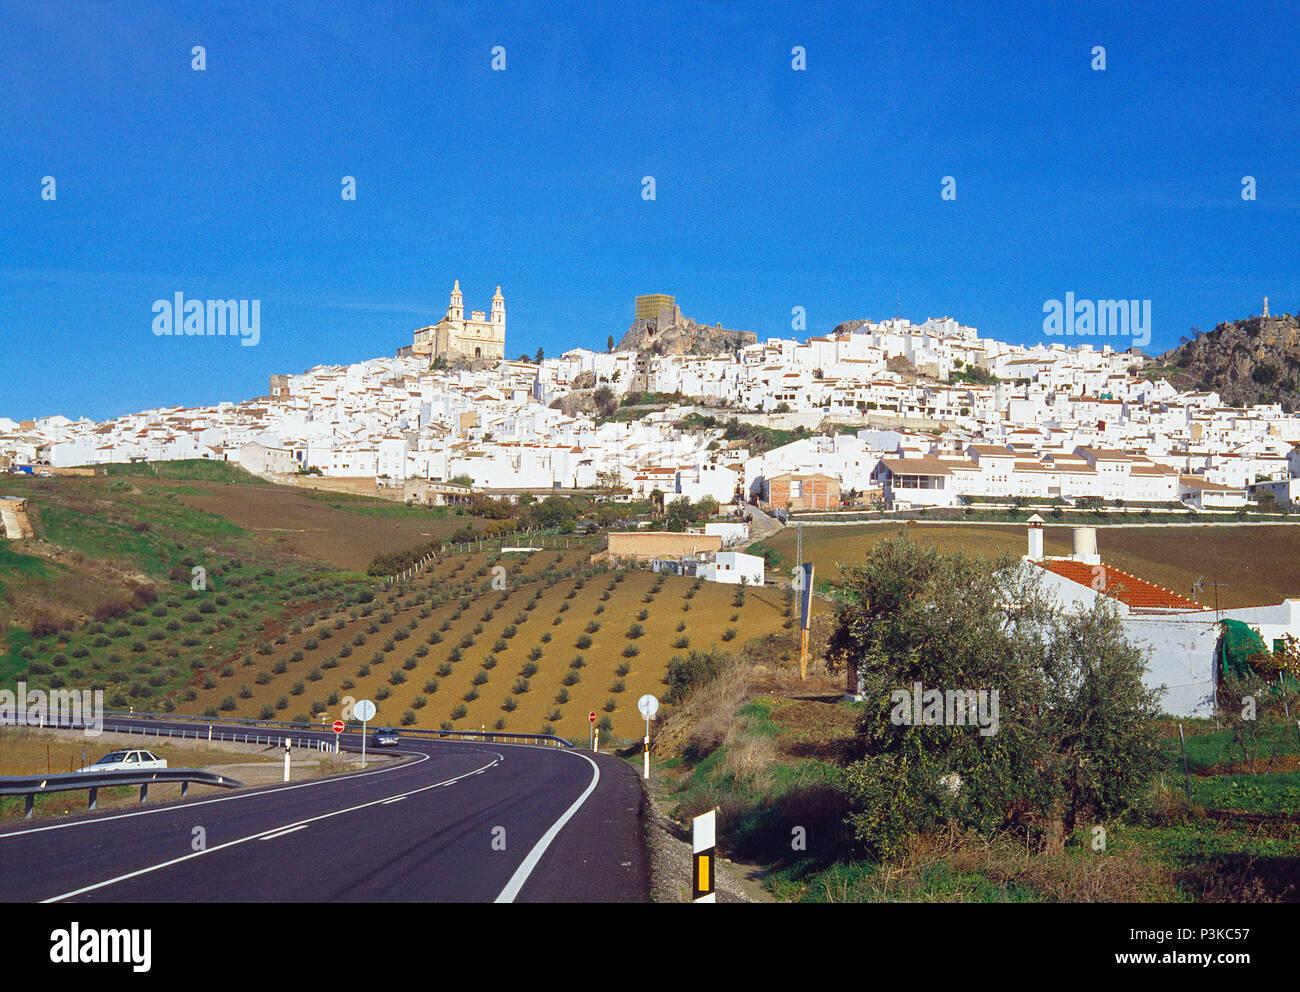 Vue d'ensemble. Olvera, province de Cadix, Andalousie, espagne. Photo Stock